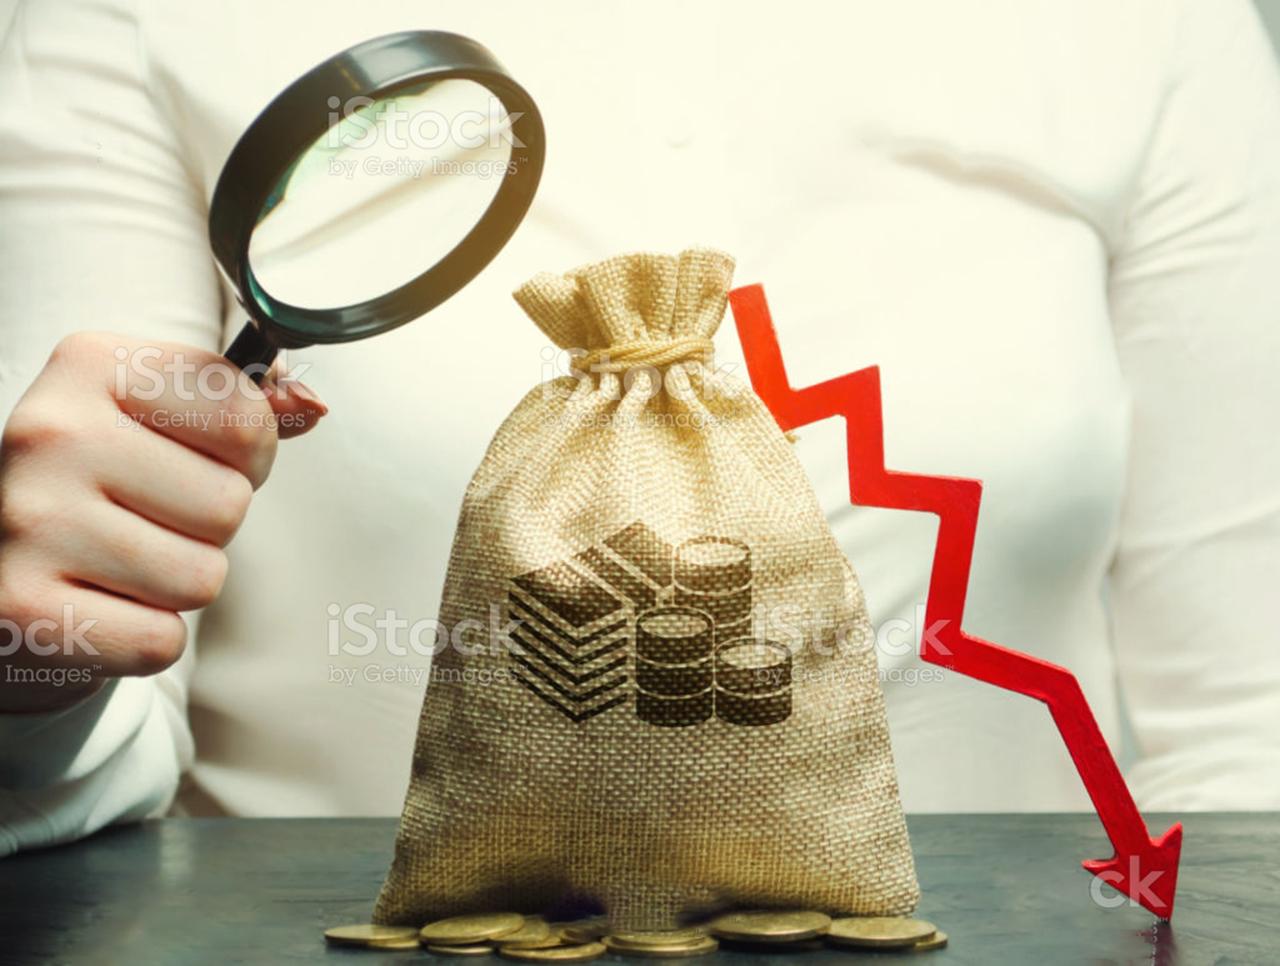 Công ty chứng khoán bất ổn tài chính sẽ bị xử lý thế nào?